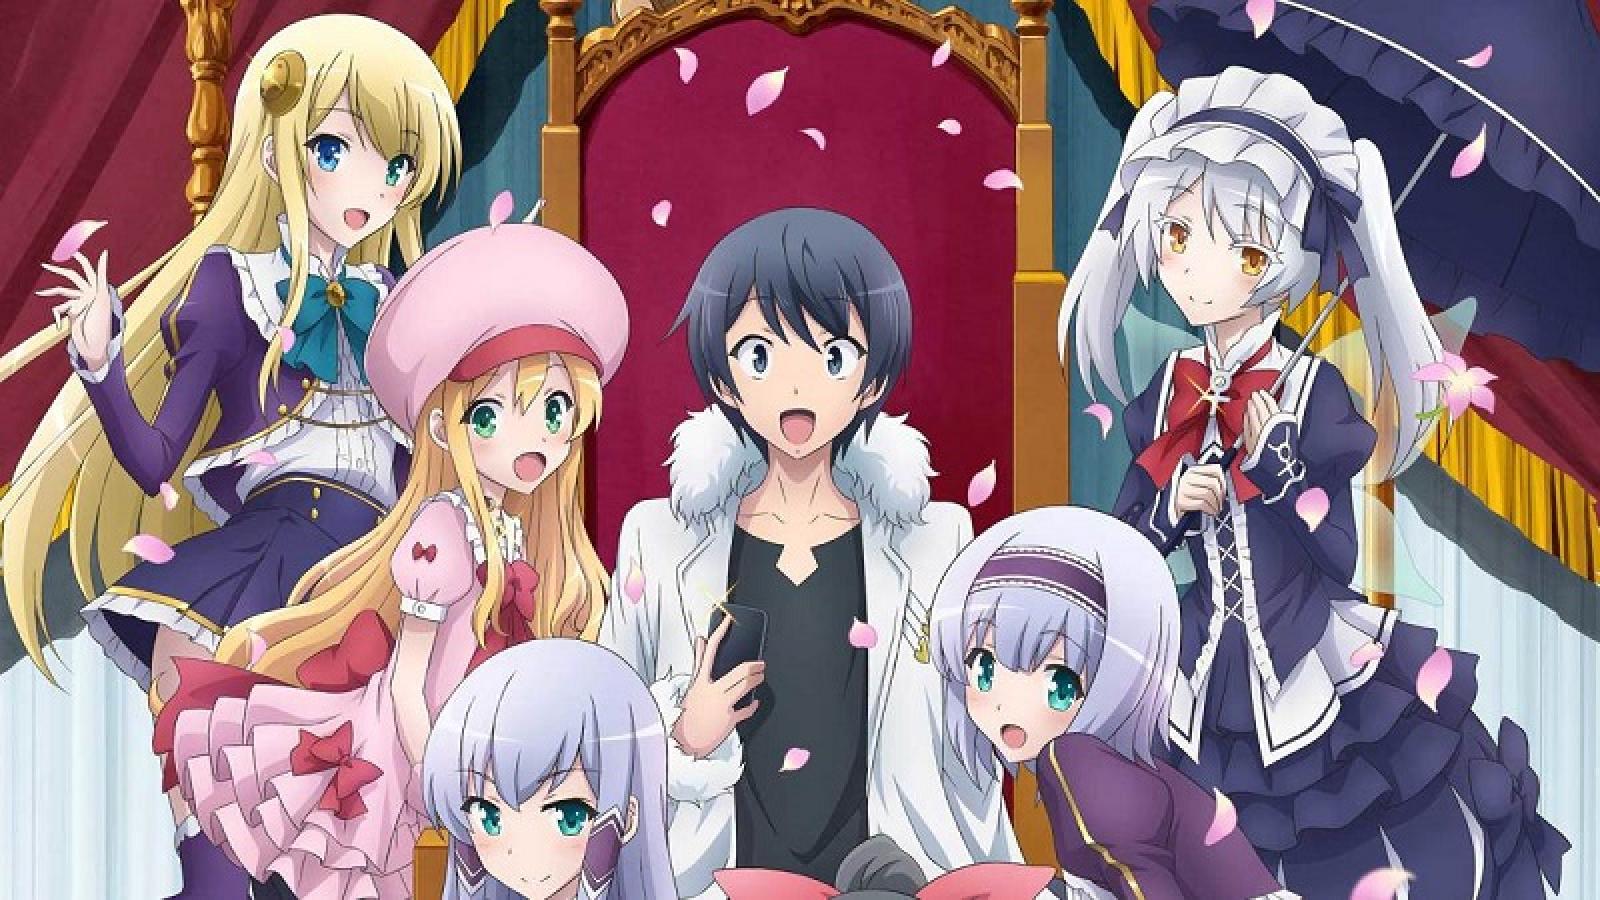 anime like SAO